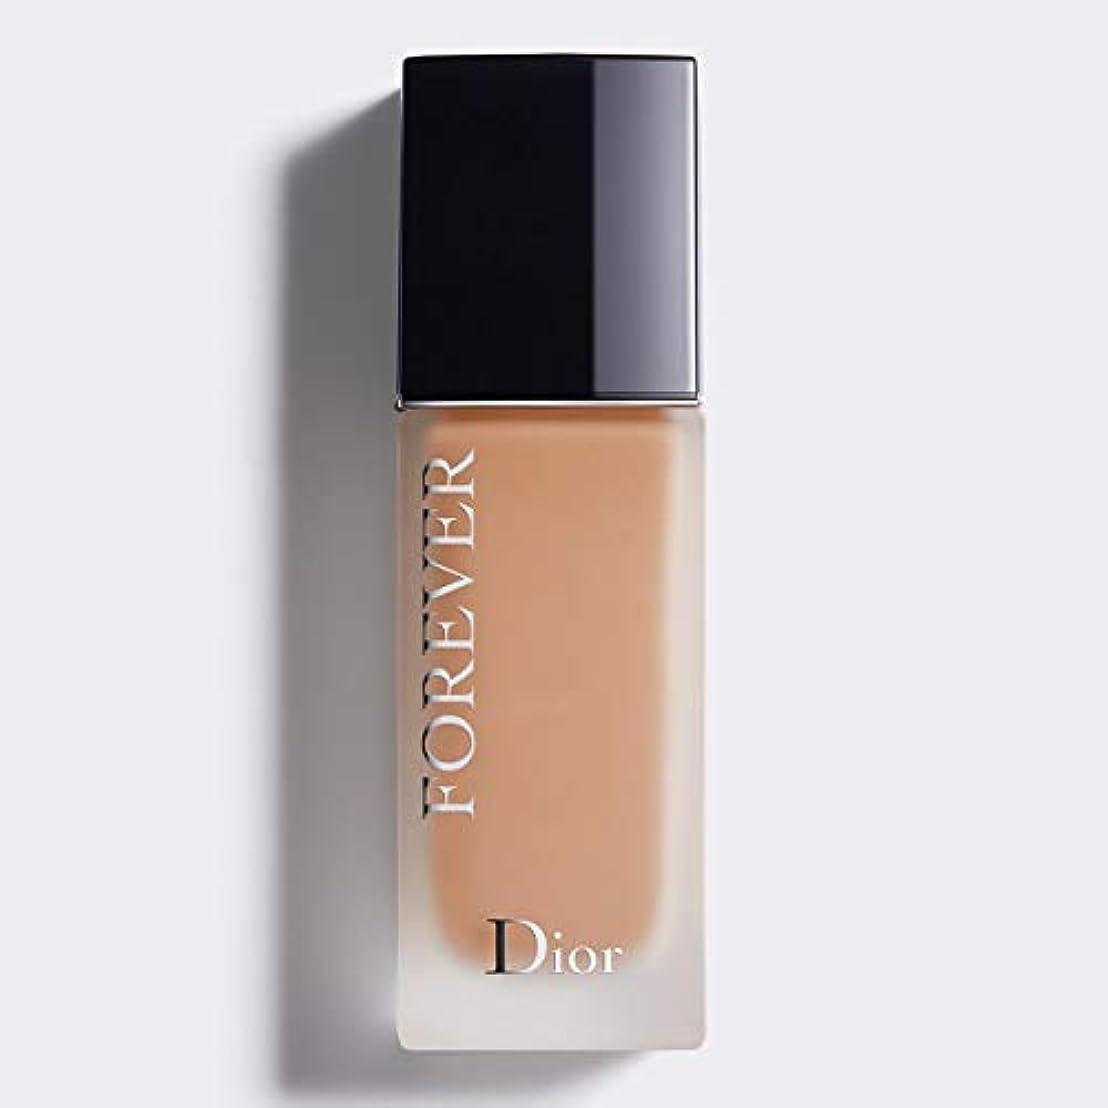 寝具無効にする気をつけてクリスチャンディオール Dior Forever 24H Wear High Perfection Foundation SPF 35 - # 3WP (Warm Peach) 30ml/1oz並行輸入品